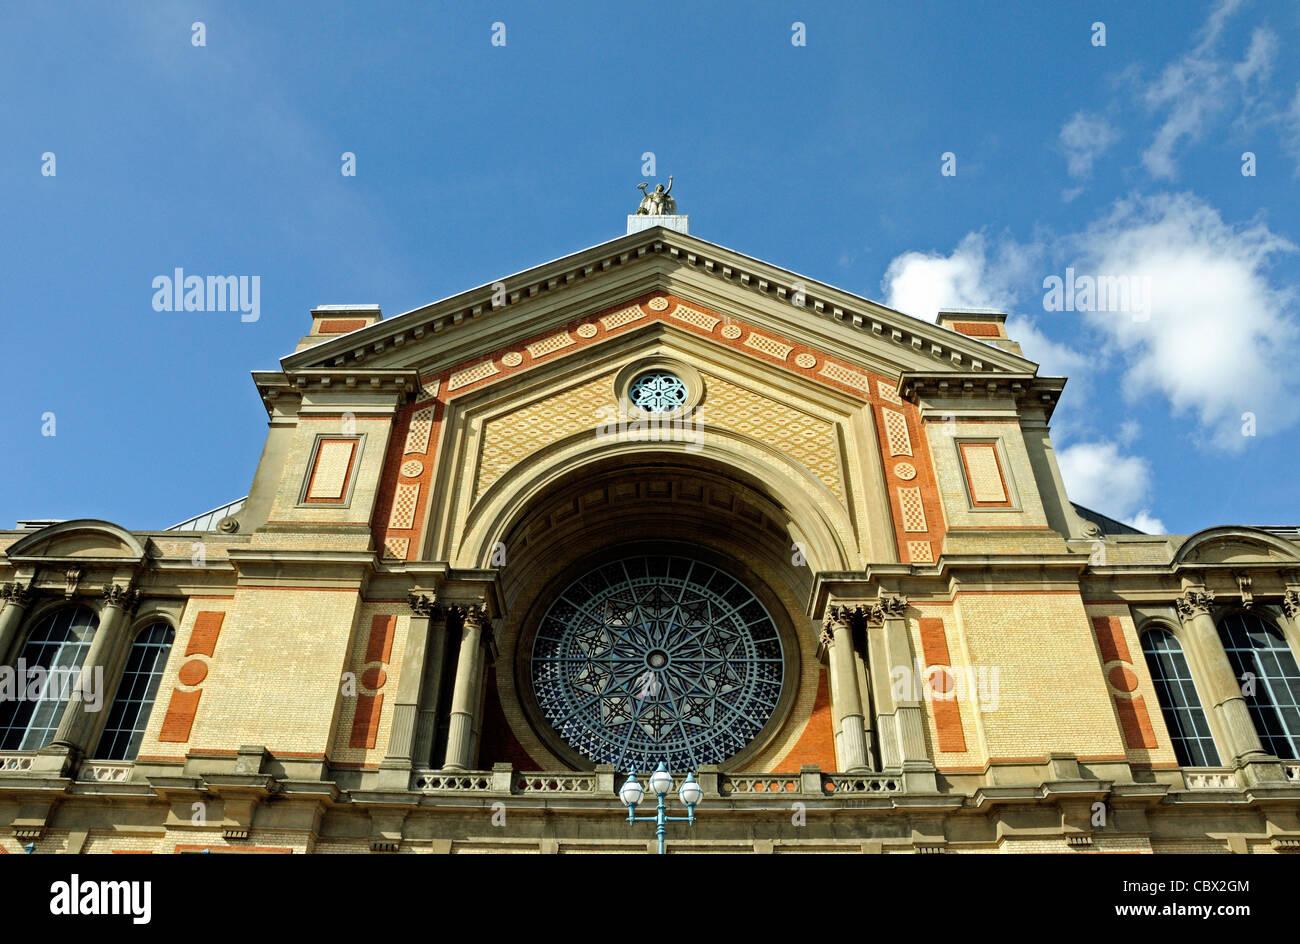 Alexandra Palace Haringey England UK - Stock Image